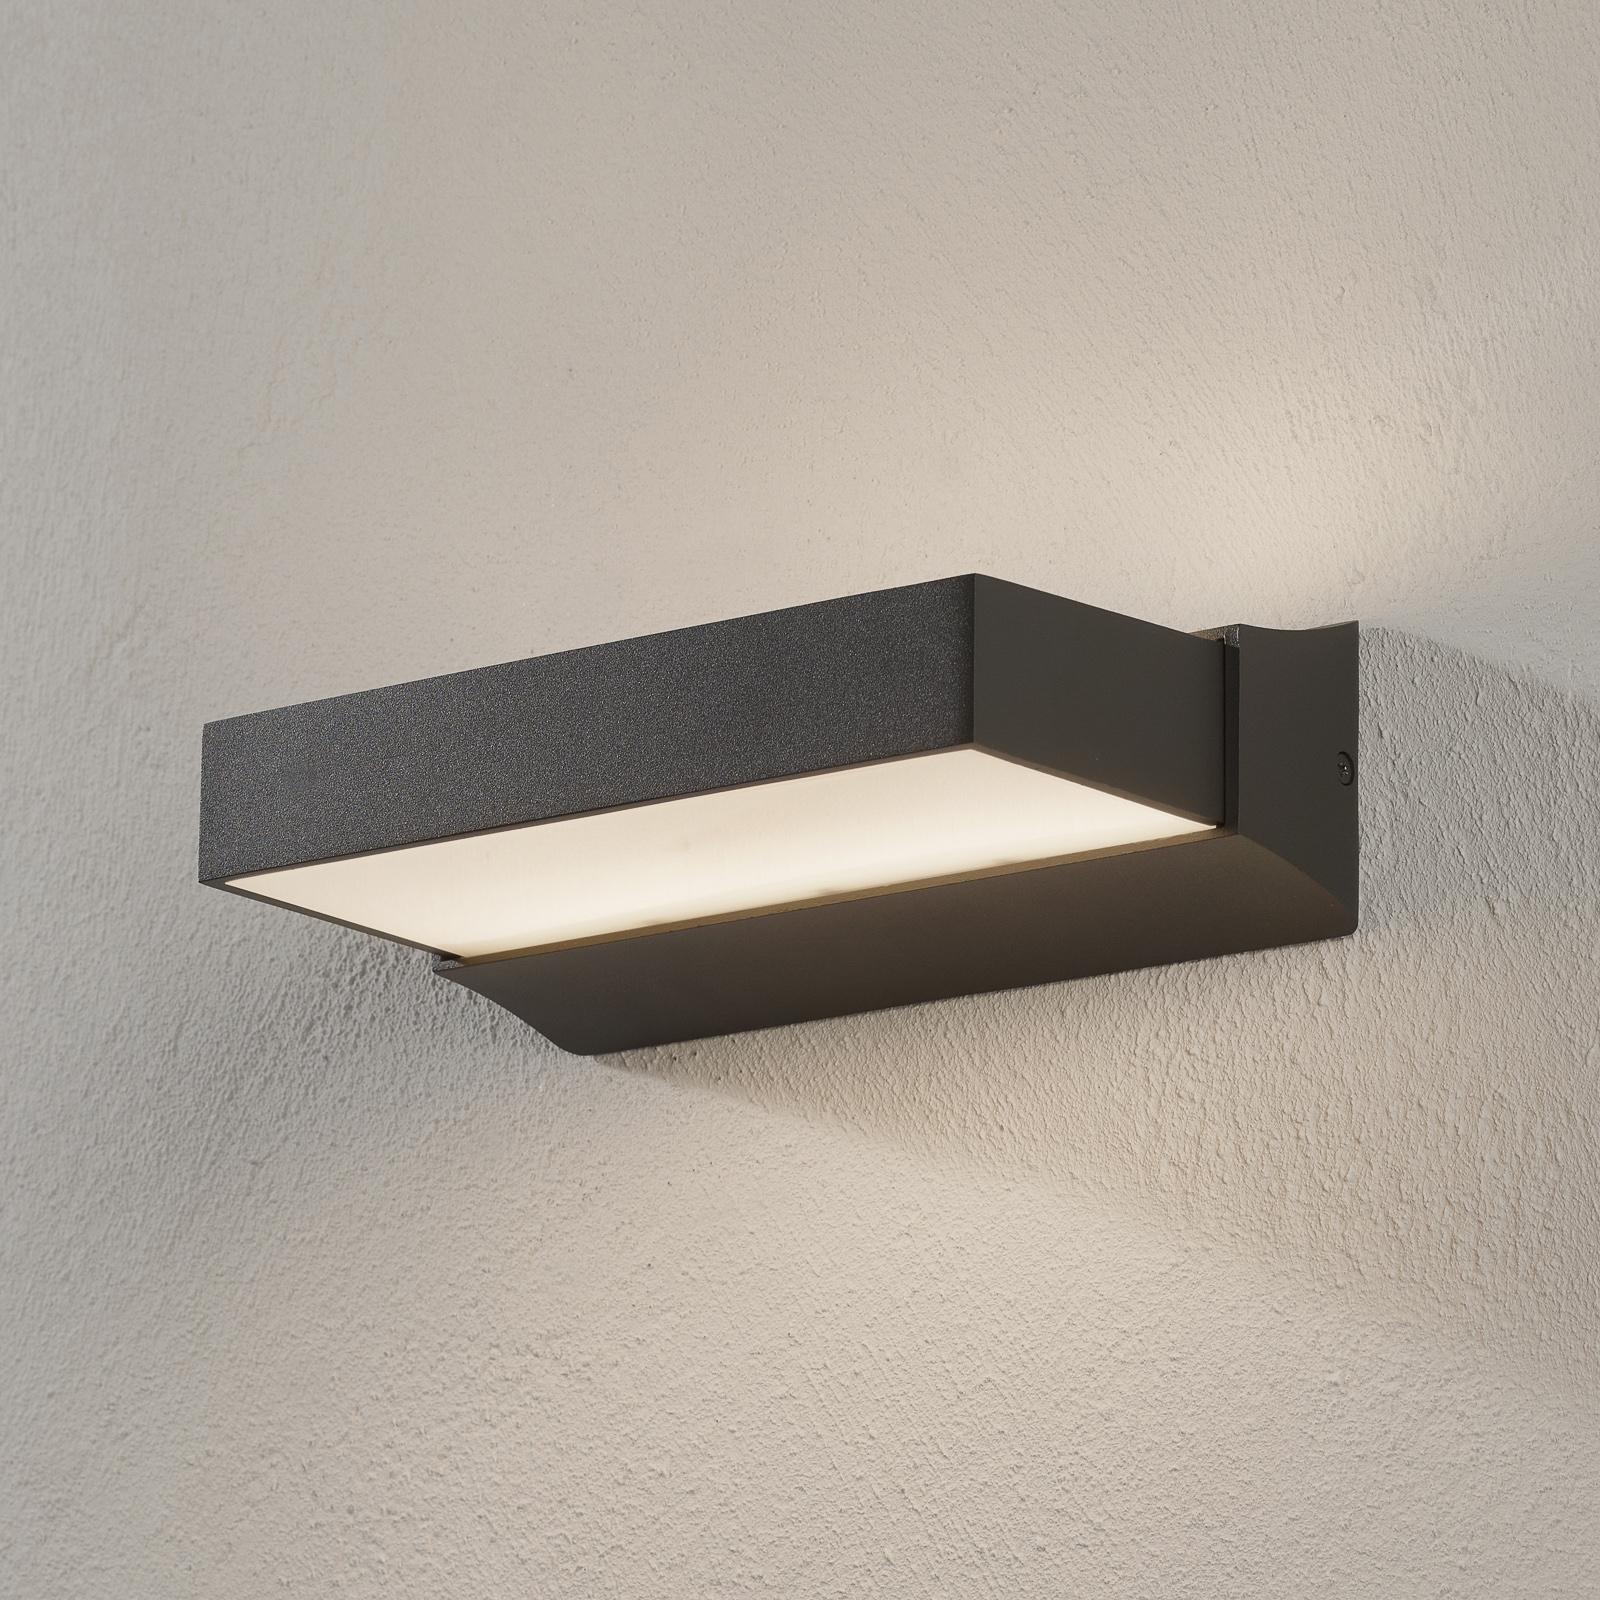 Applique d'extérieur LED Cuando, up/down